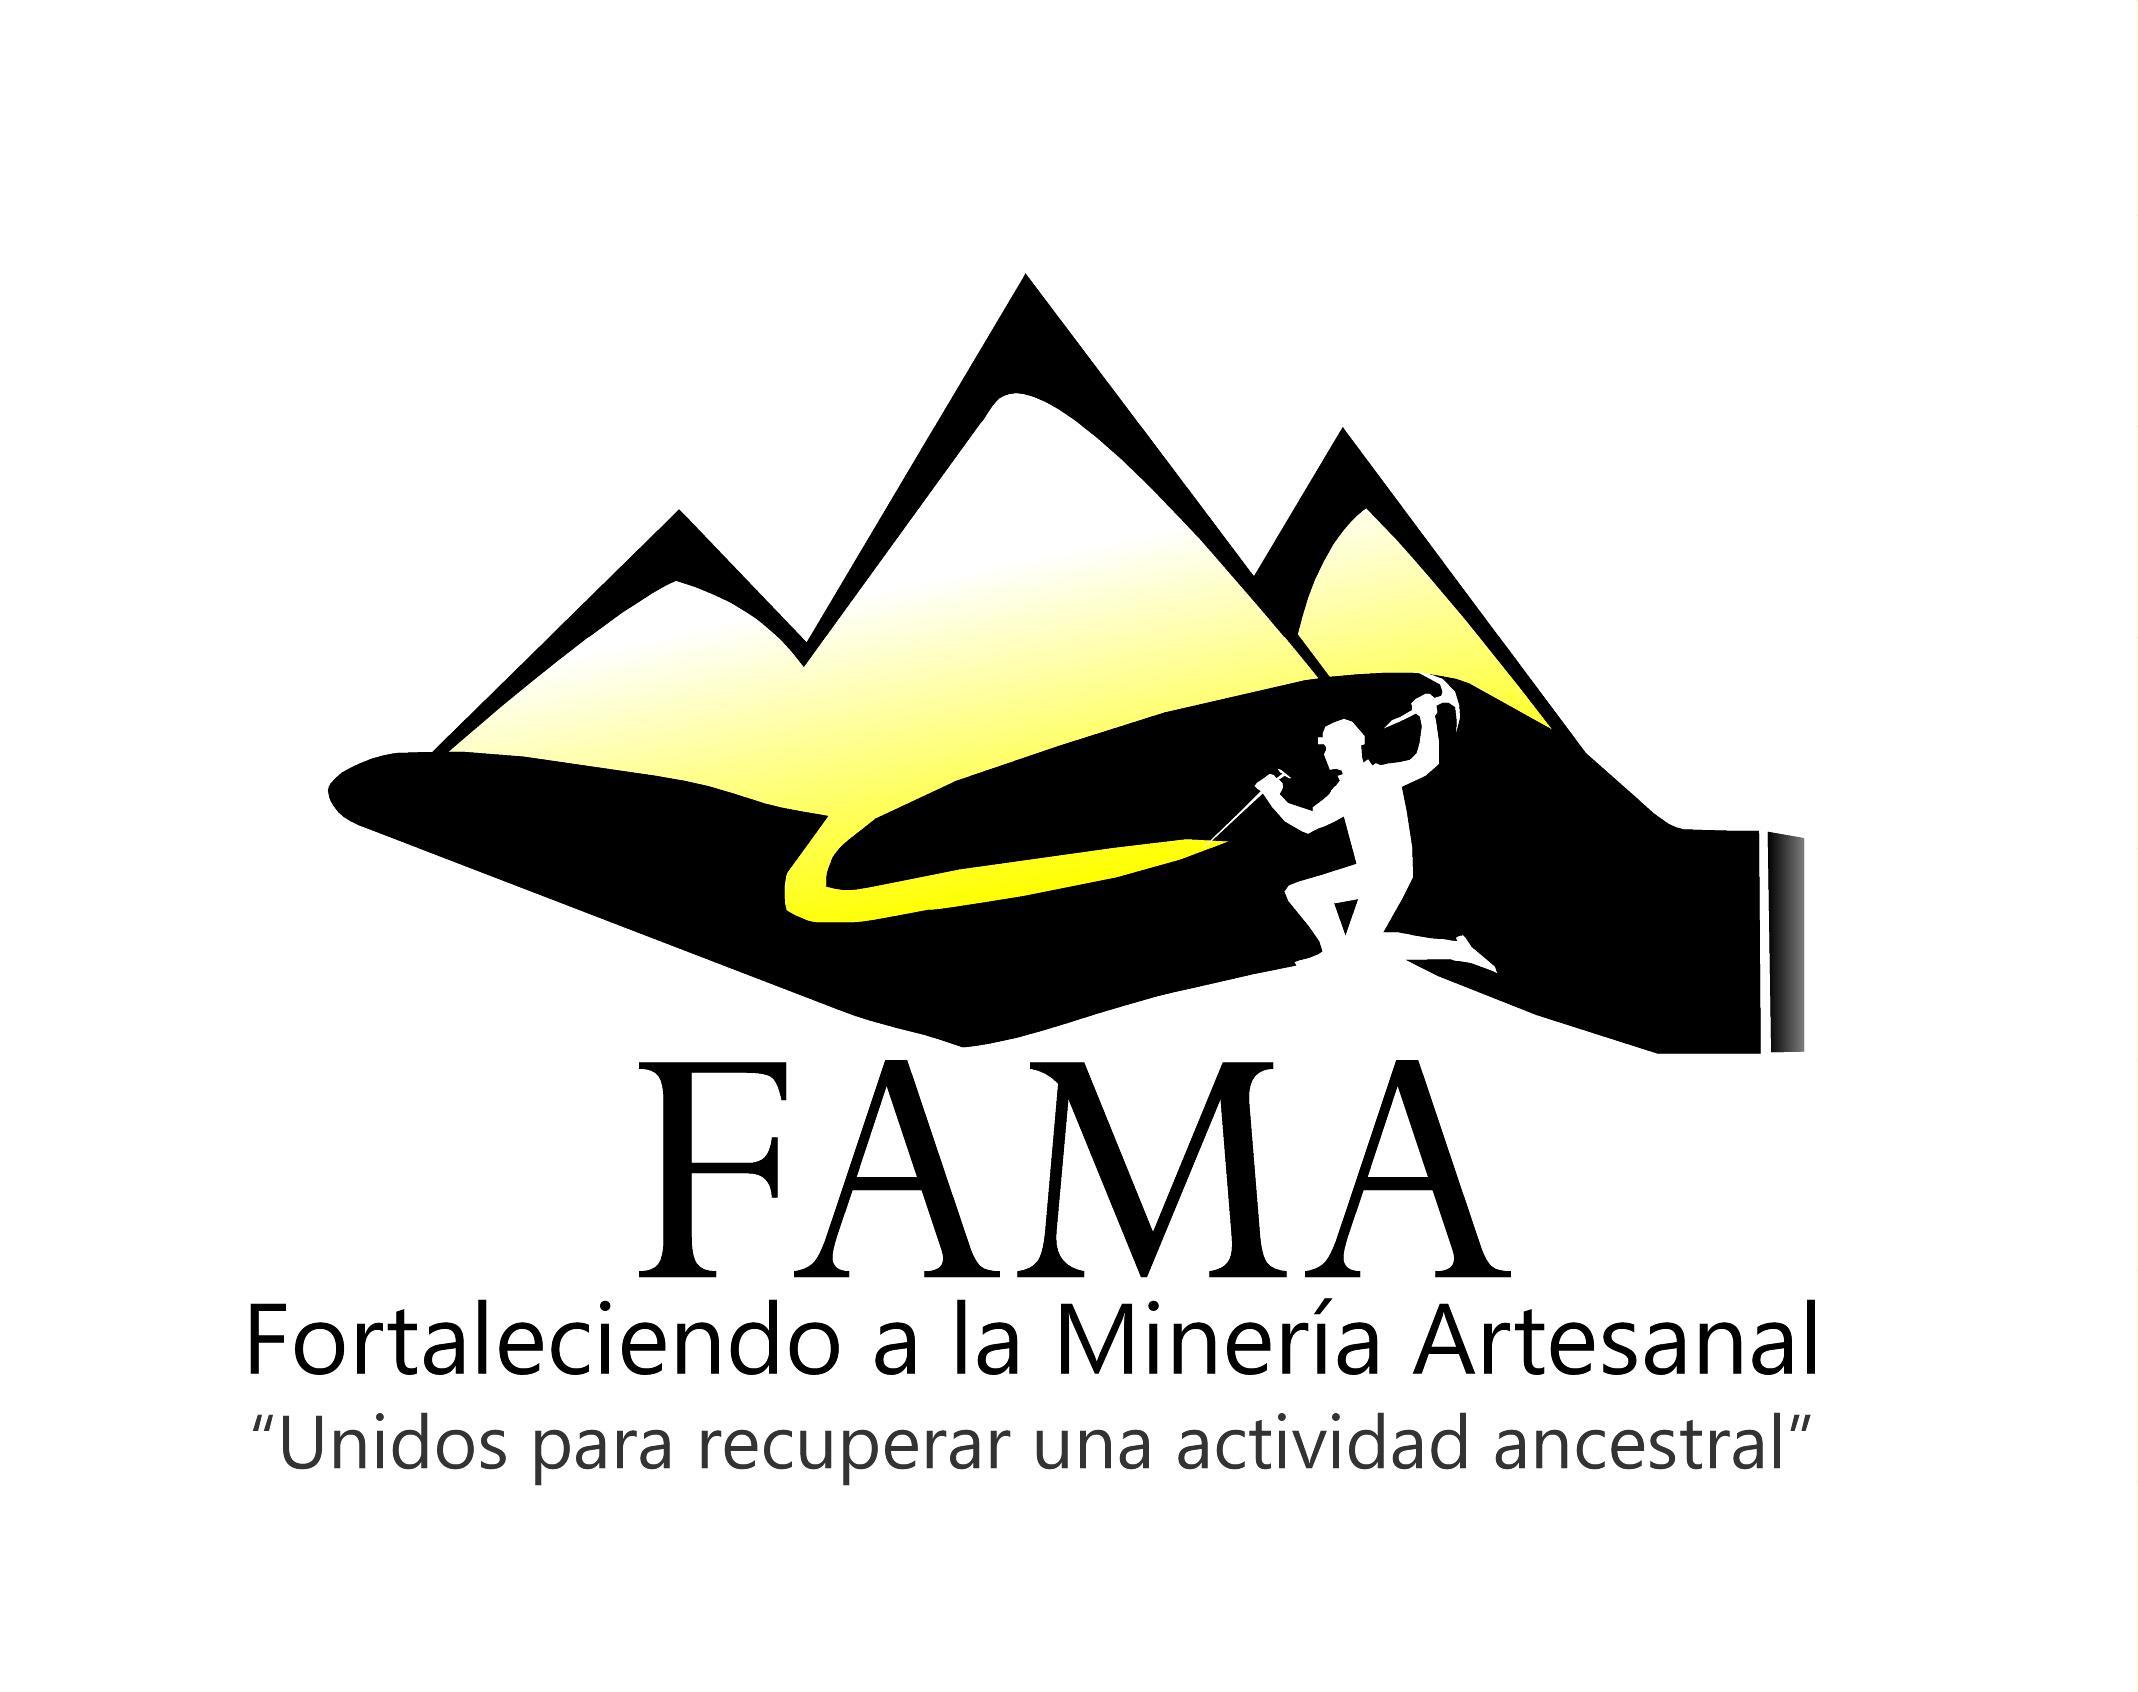 Logo Fortaleciendo a la minería artesanal